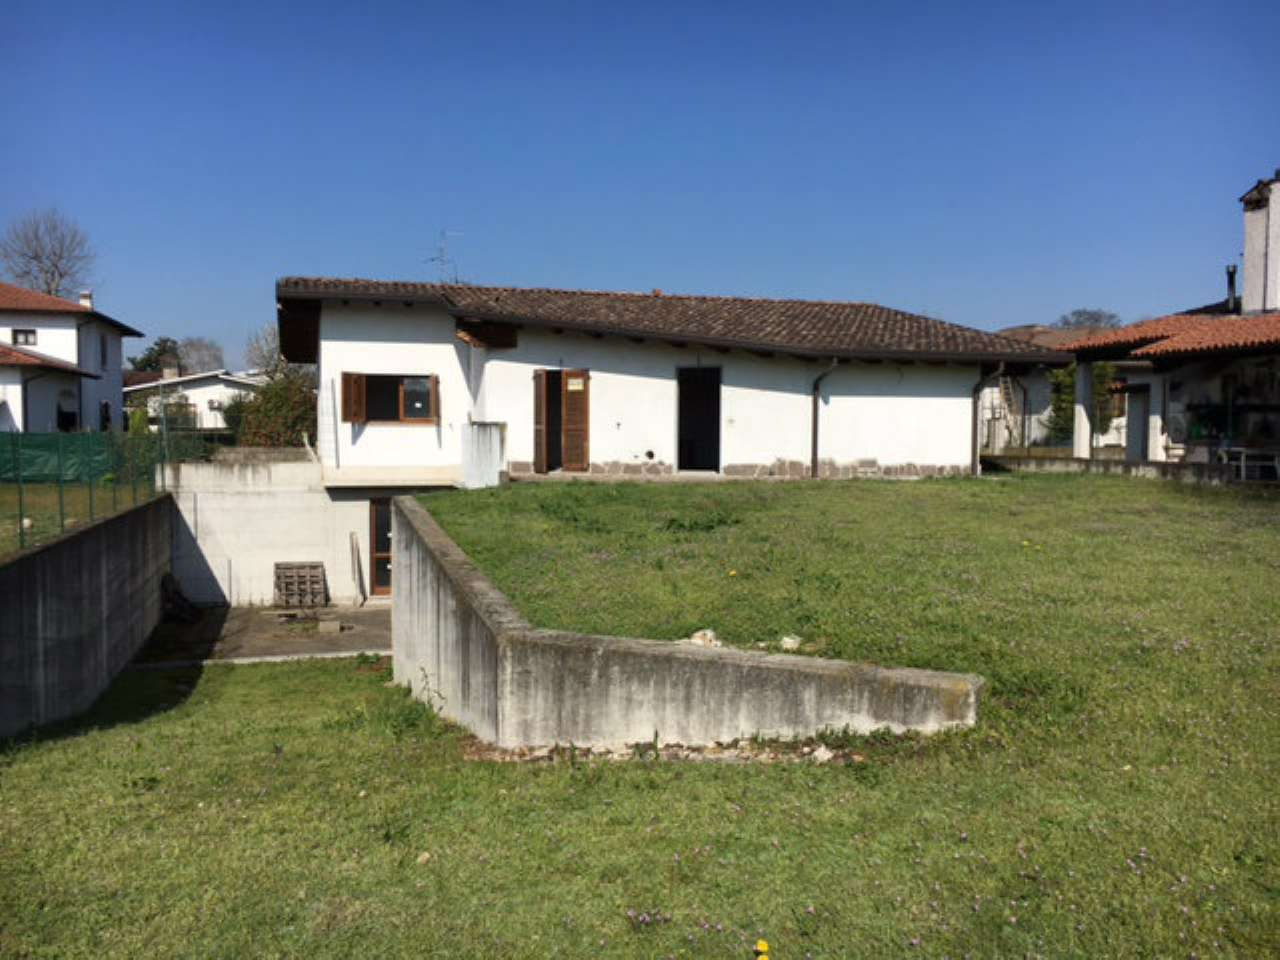 Soluzione Indipendente in vendita a Trivolzio, 4 locali, prezzo € 240.000 | Cambio Casa.it